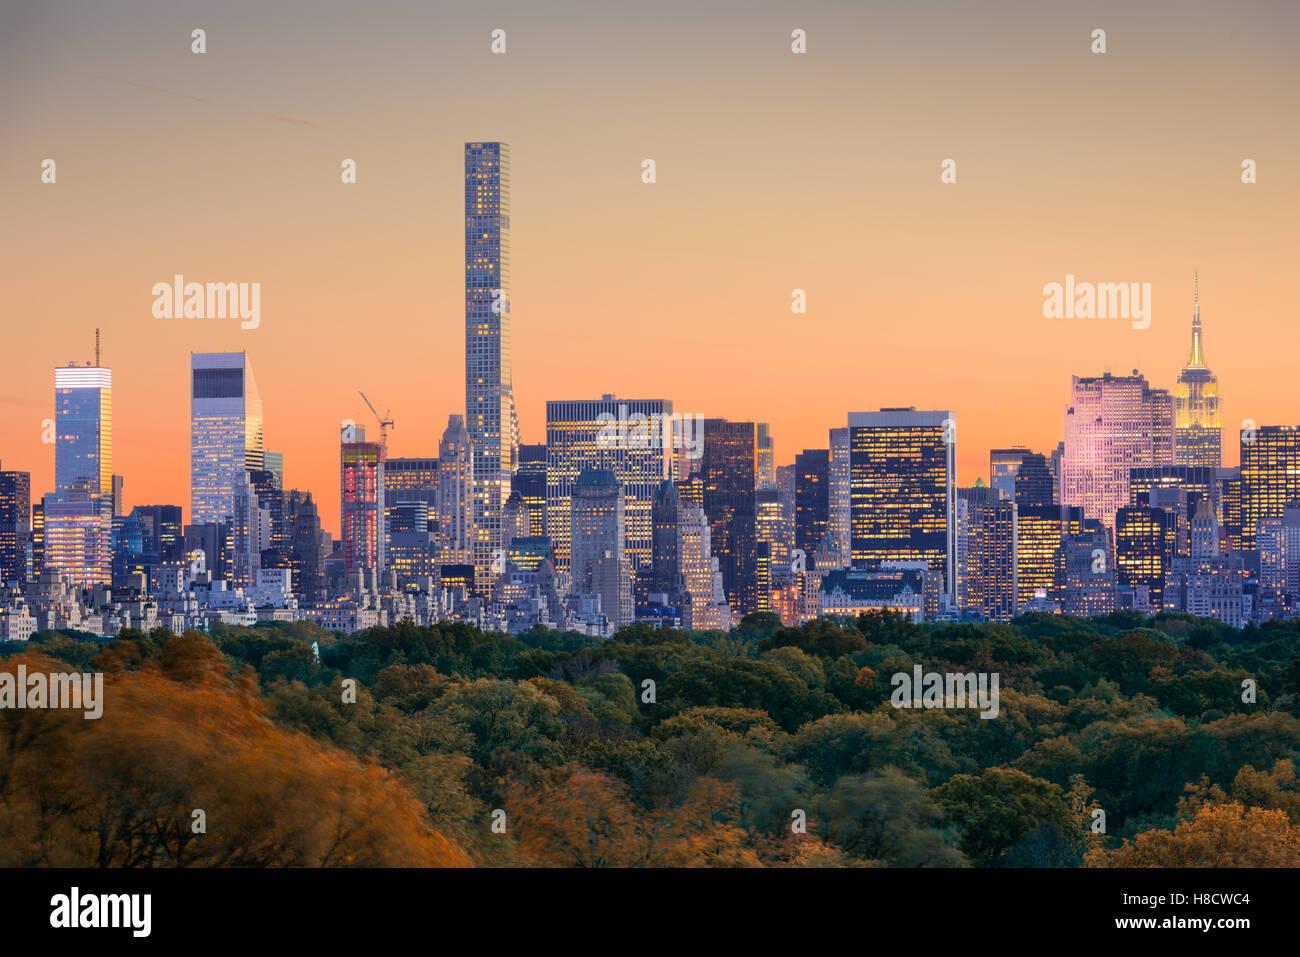 Skyline von New York City über den Central Park im Frühherbst. Stockbild